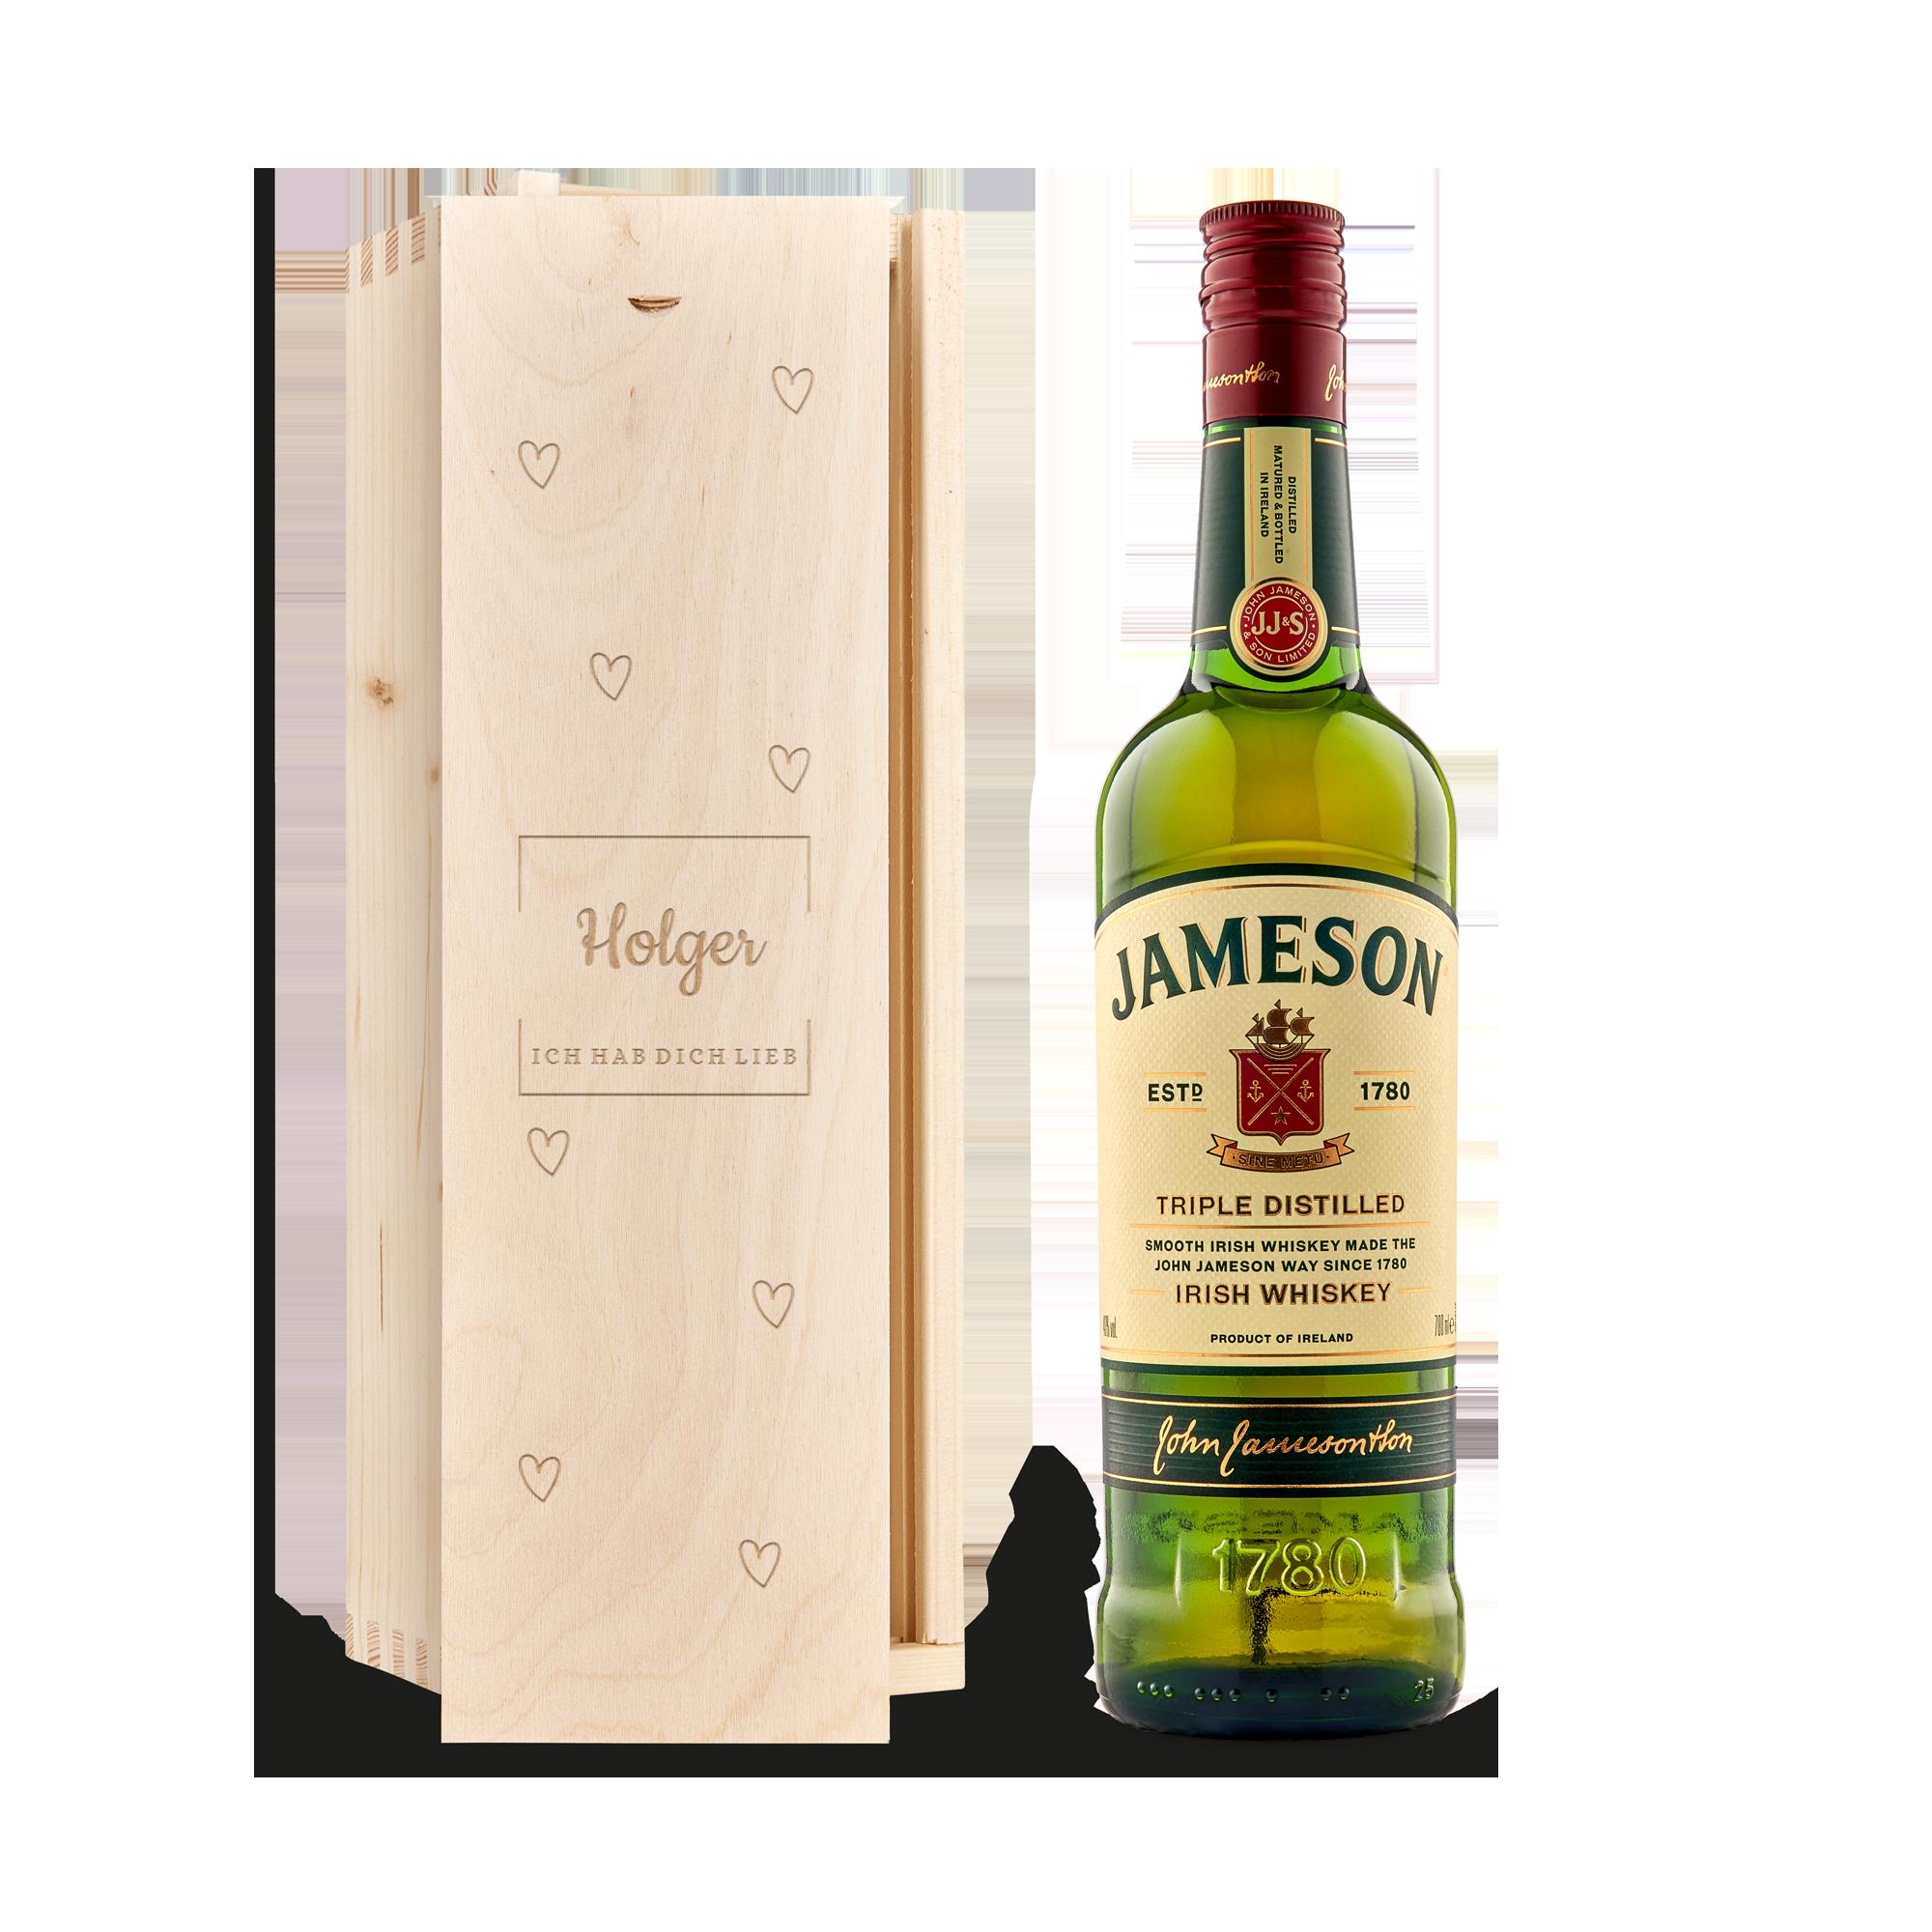 Individuellleckereien - Jameson Whisky in gravierter Kiste - Onlineshop YourSurprise